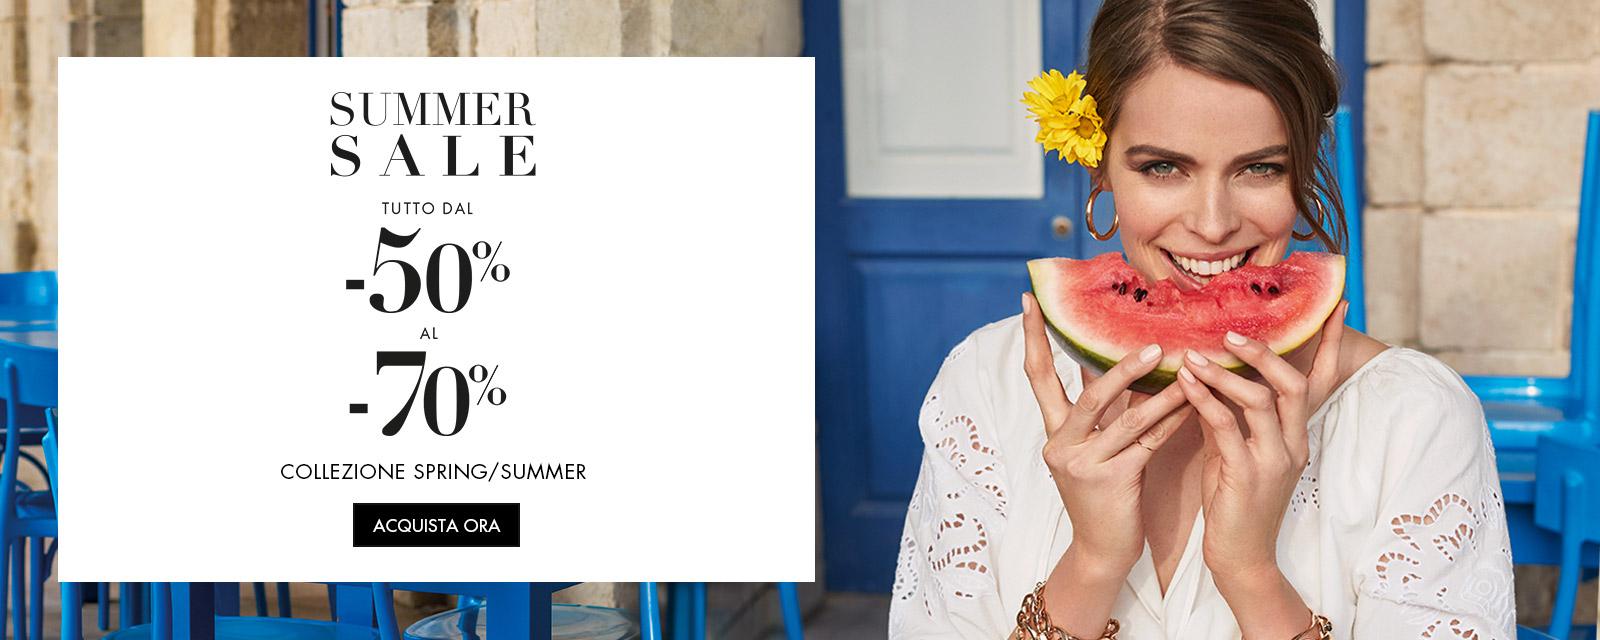 Fiorella Rubino: Summer Sale tutto dal -50% al -70%